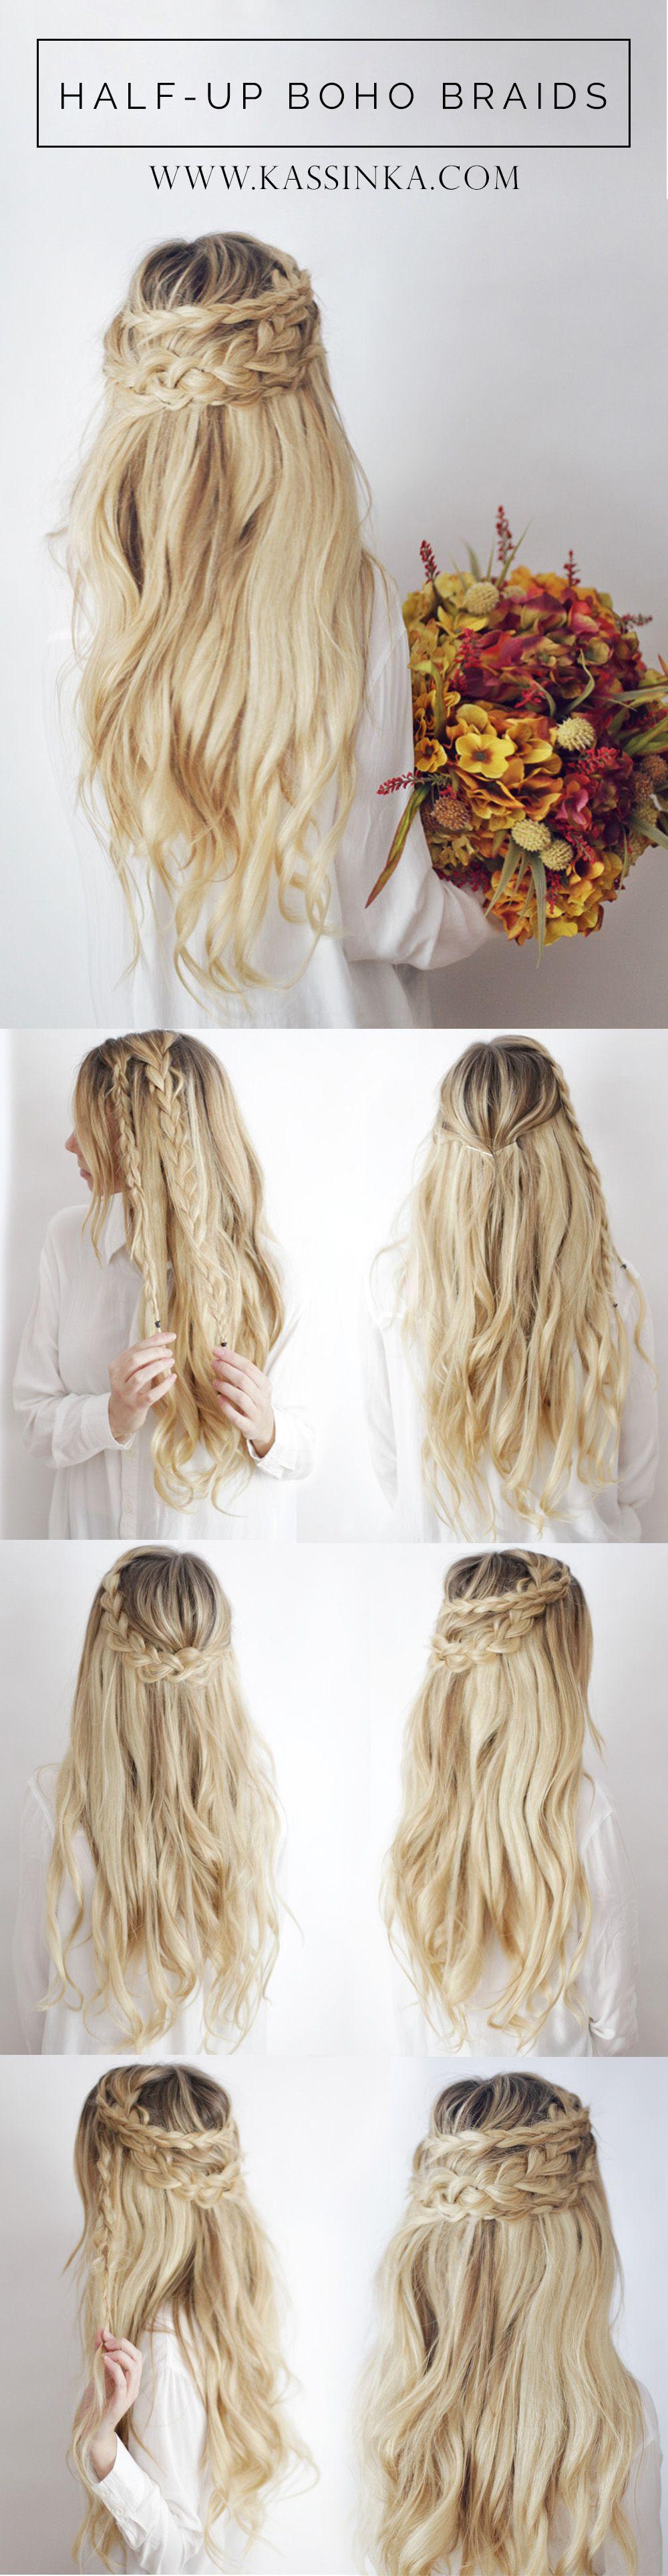 Hair Tutorial with luxyhair on kassinka